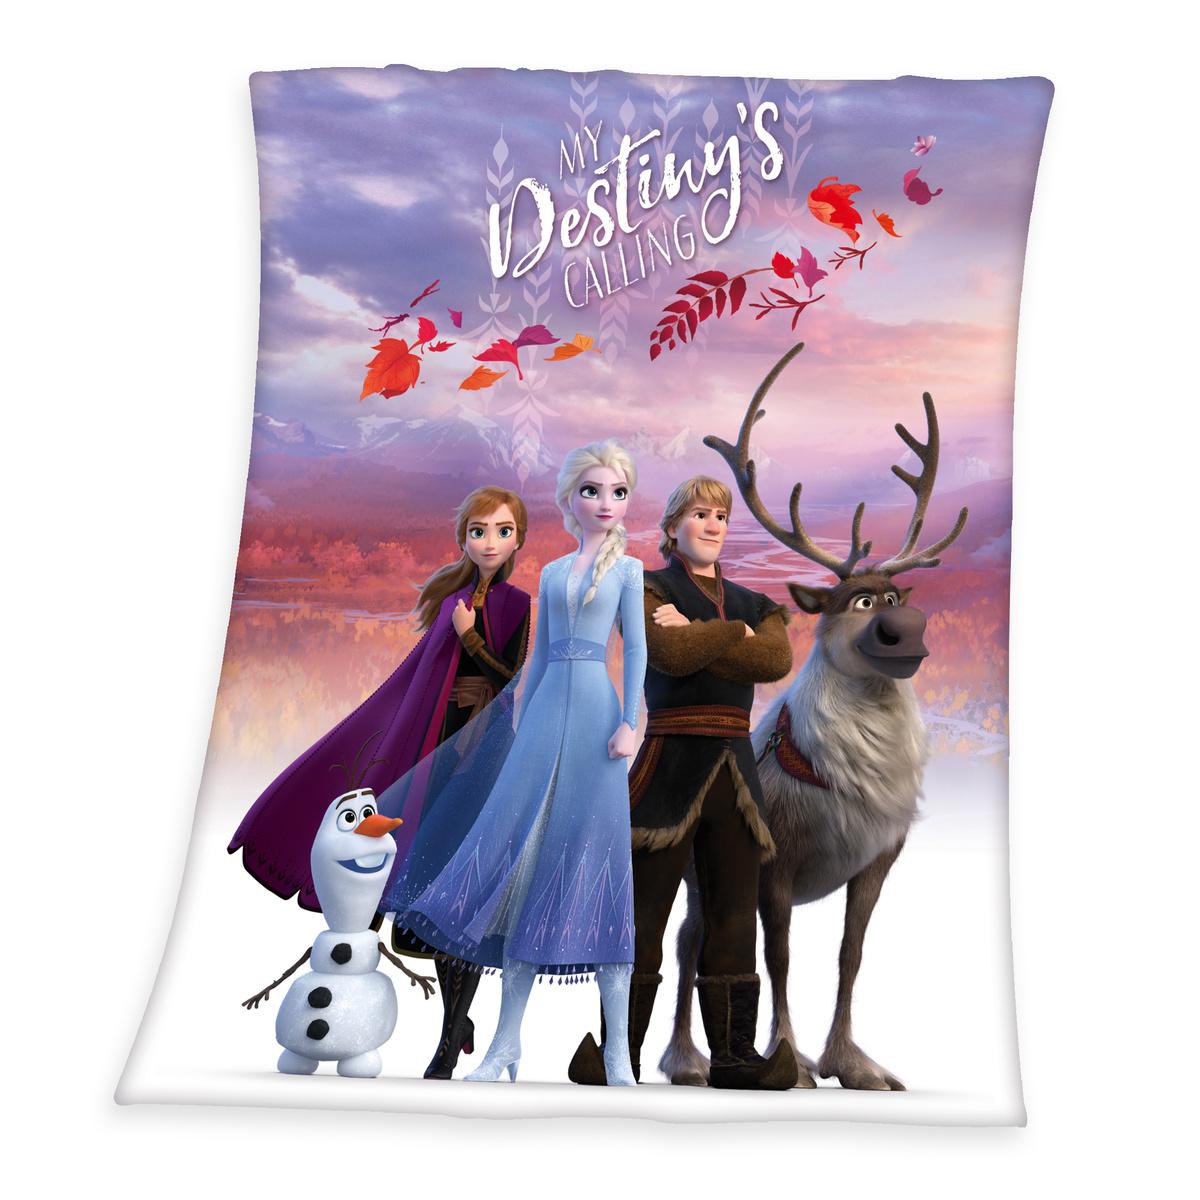 Koc dziecięcy Frozen 2 My destiny's calling, 130 x 160 cm